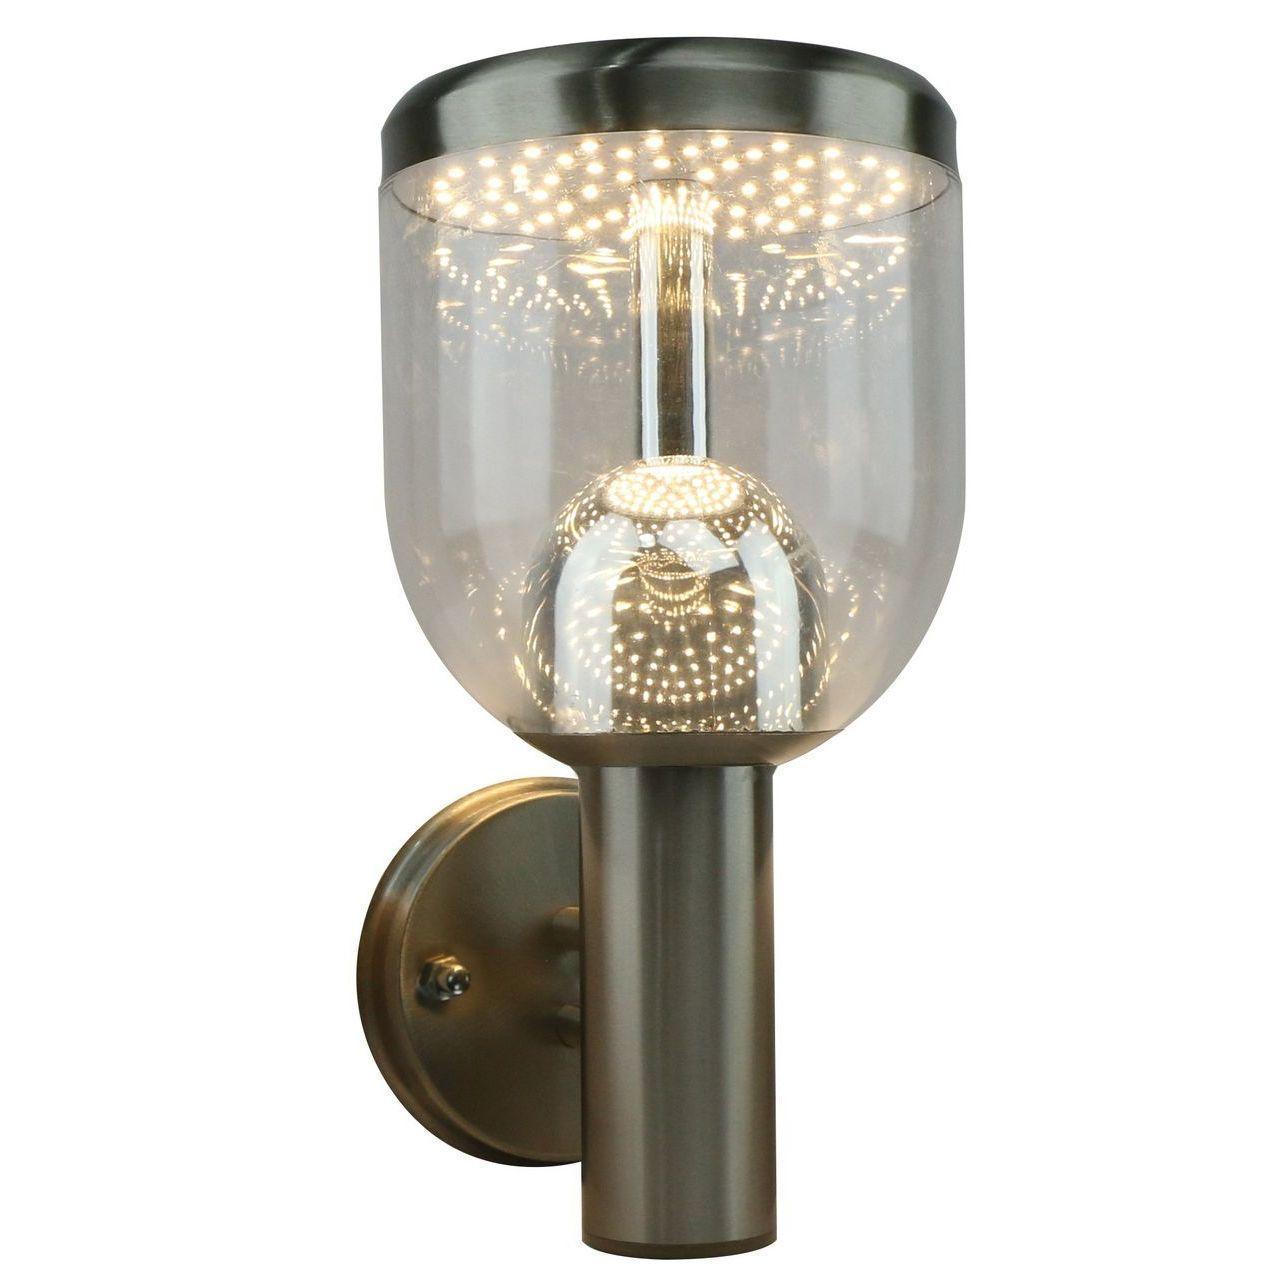 Уличный настенный светодиодный светильник Arte Lamp Inchino A8163AL-1SS